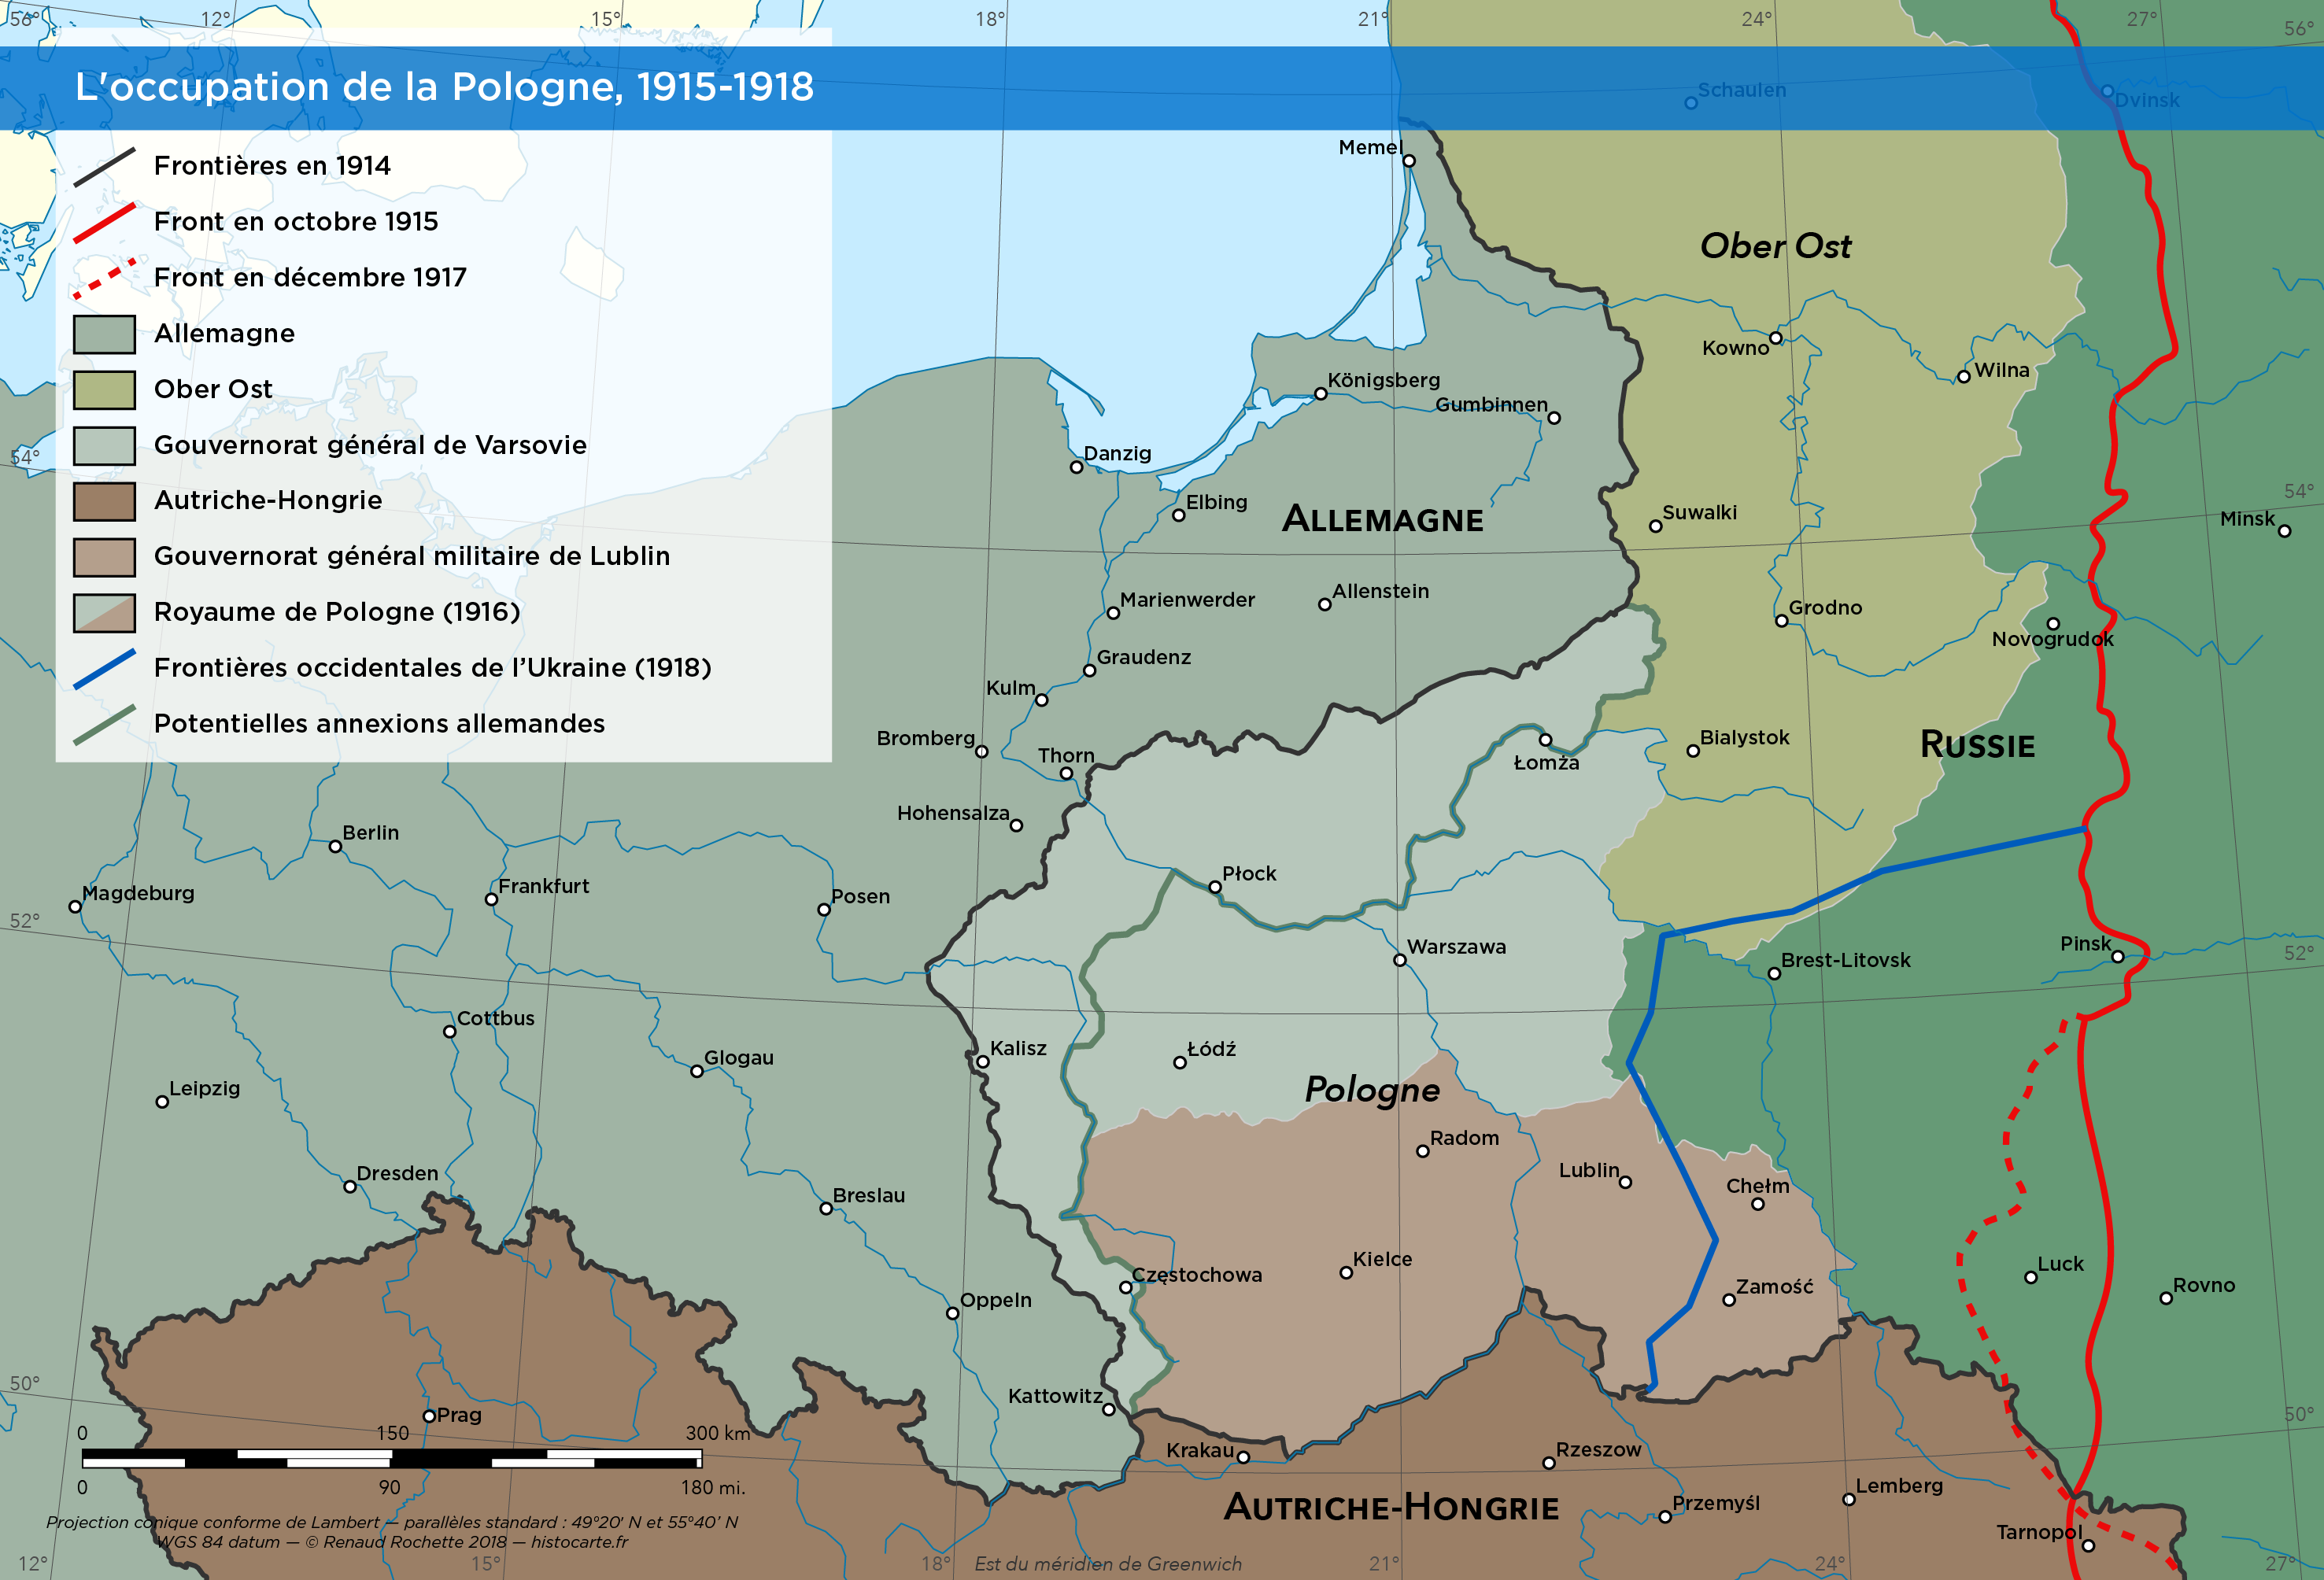 La Pologne pendant la Première Guerre mondiale